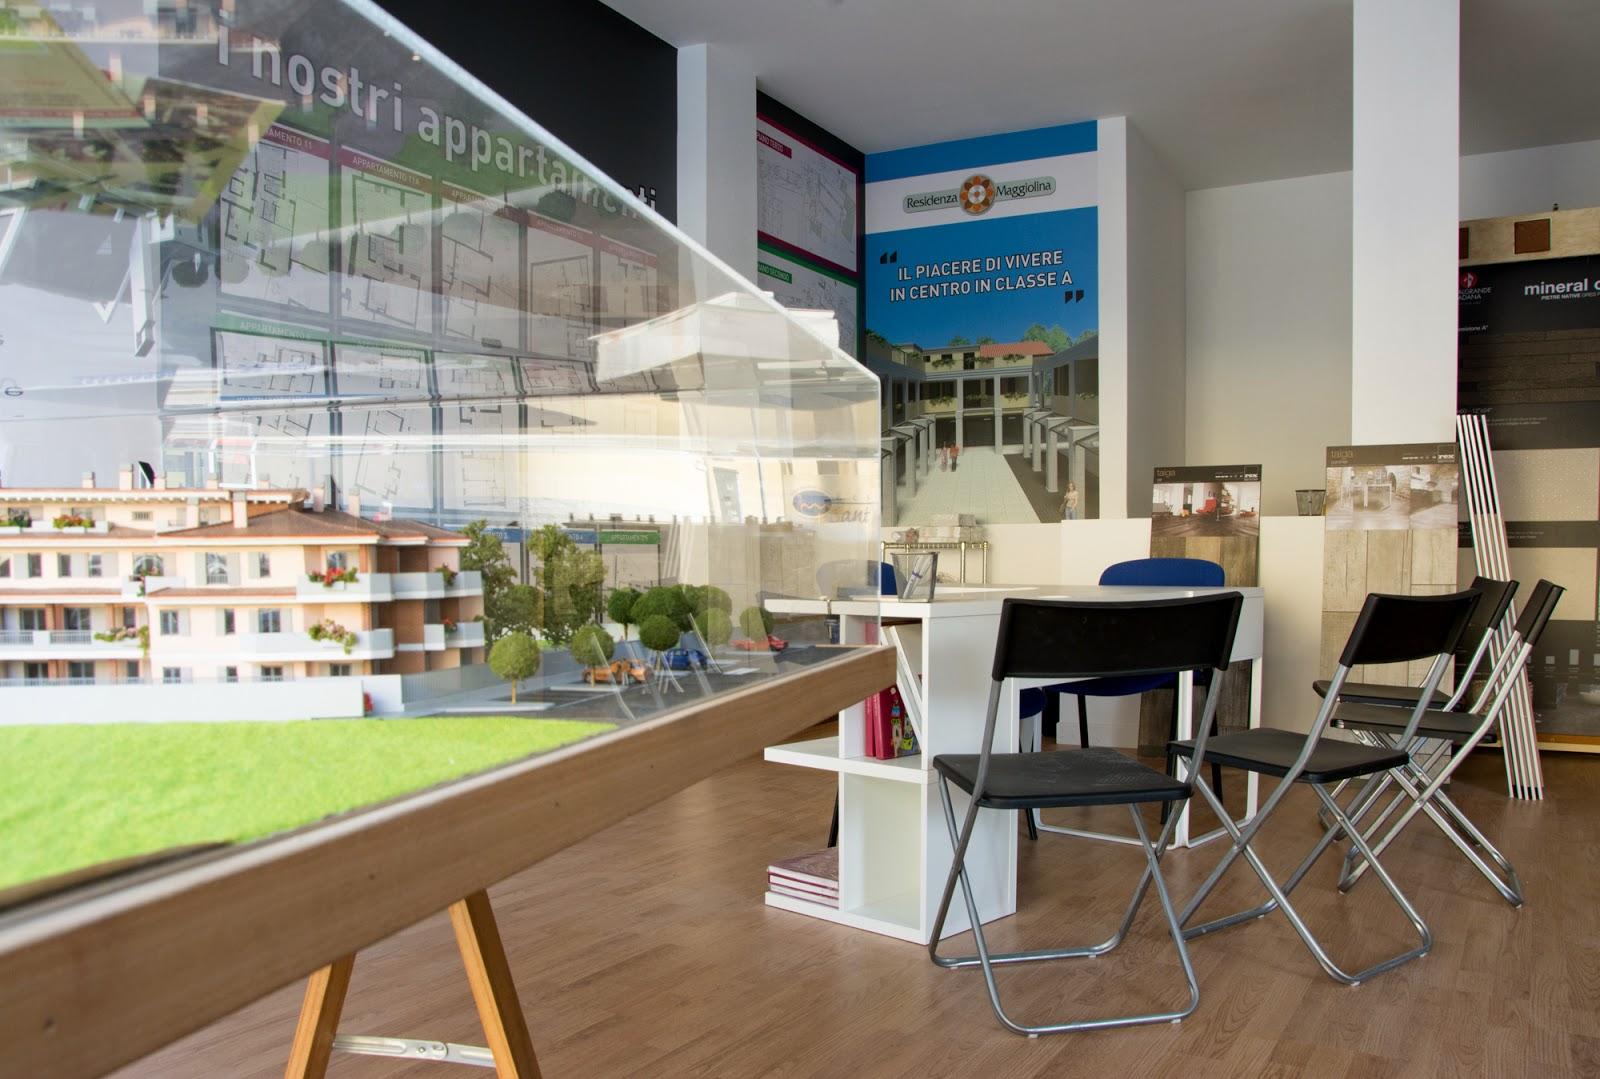 Ufficio Casa Immobiliare : In ufficio come a casa erif